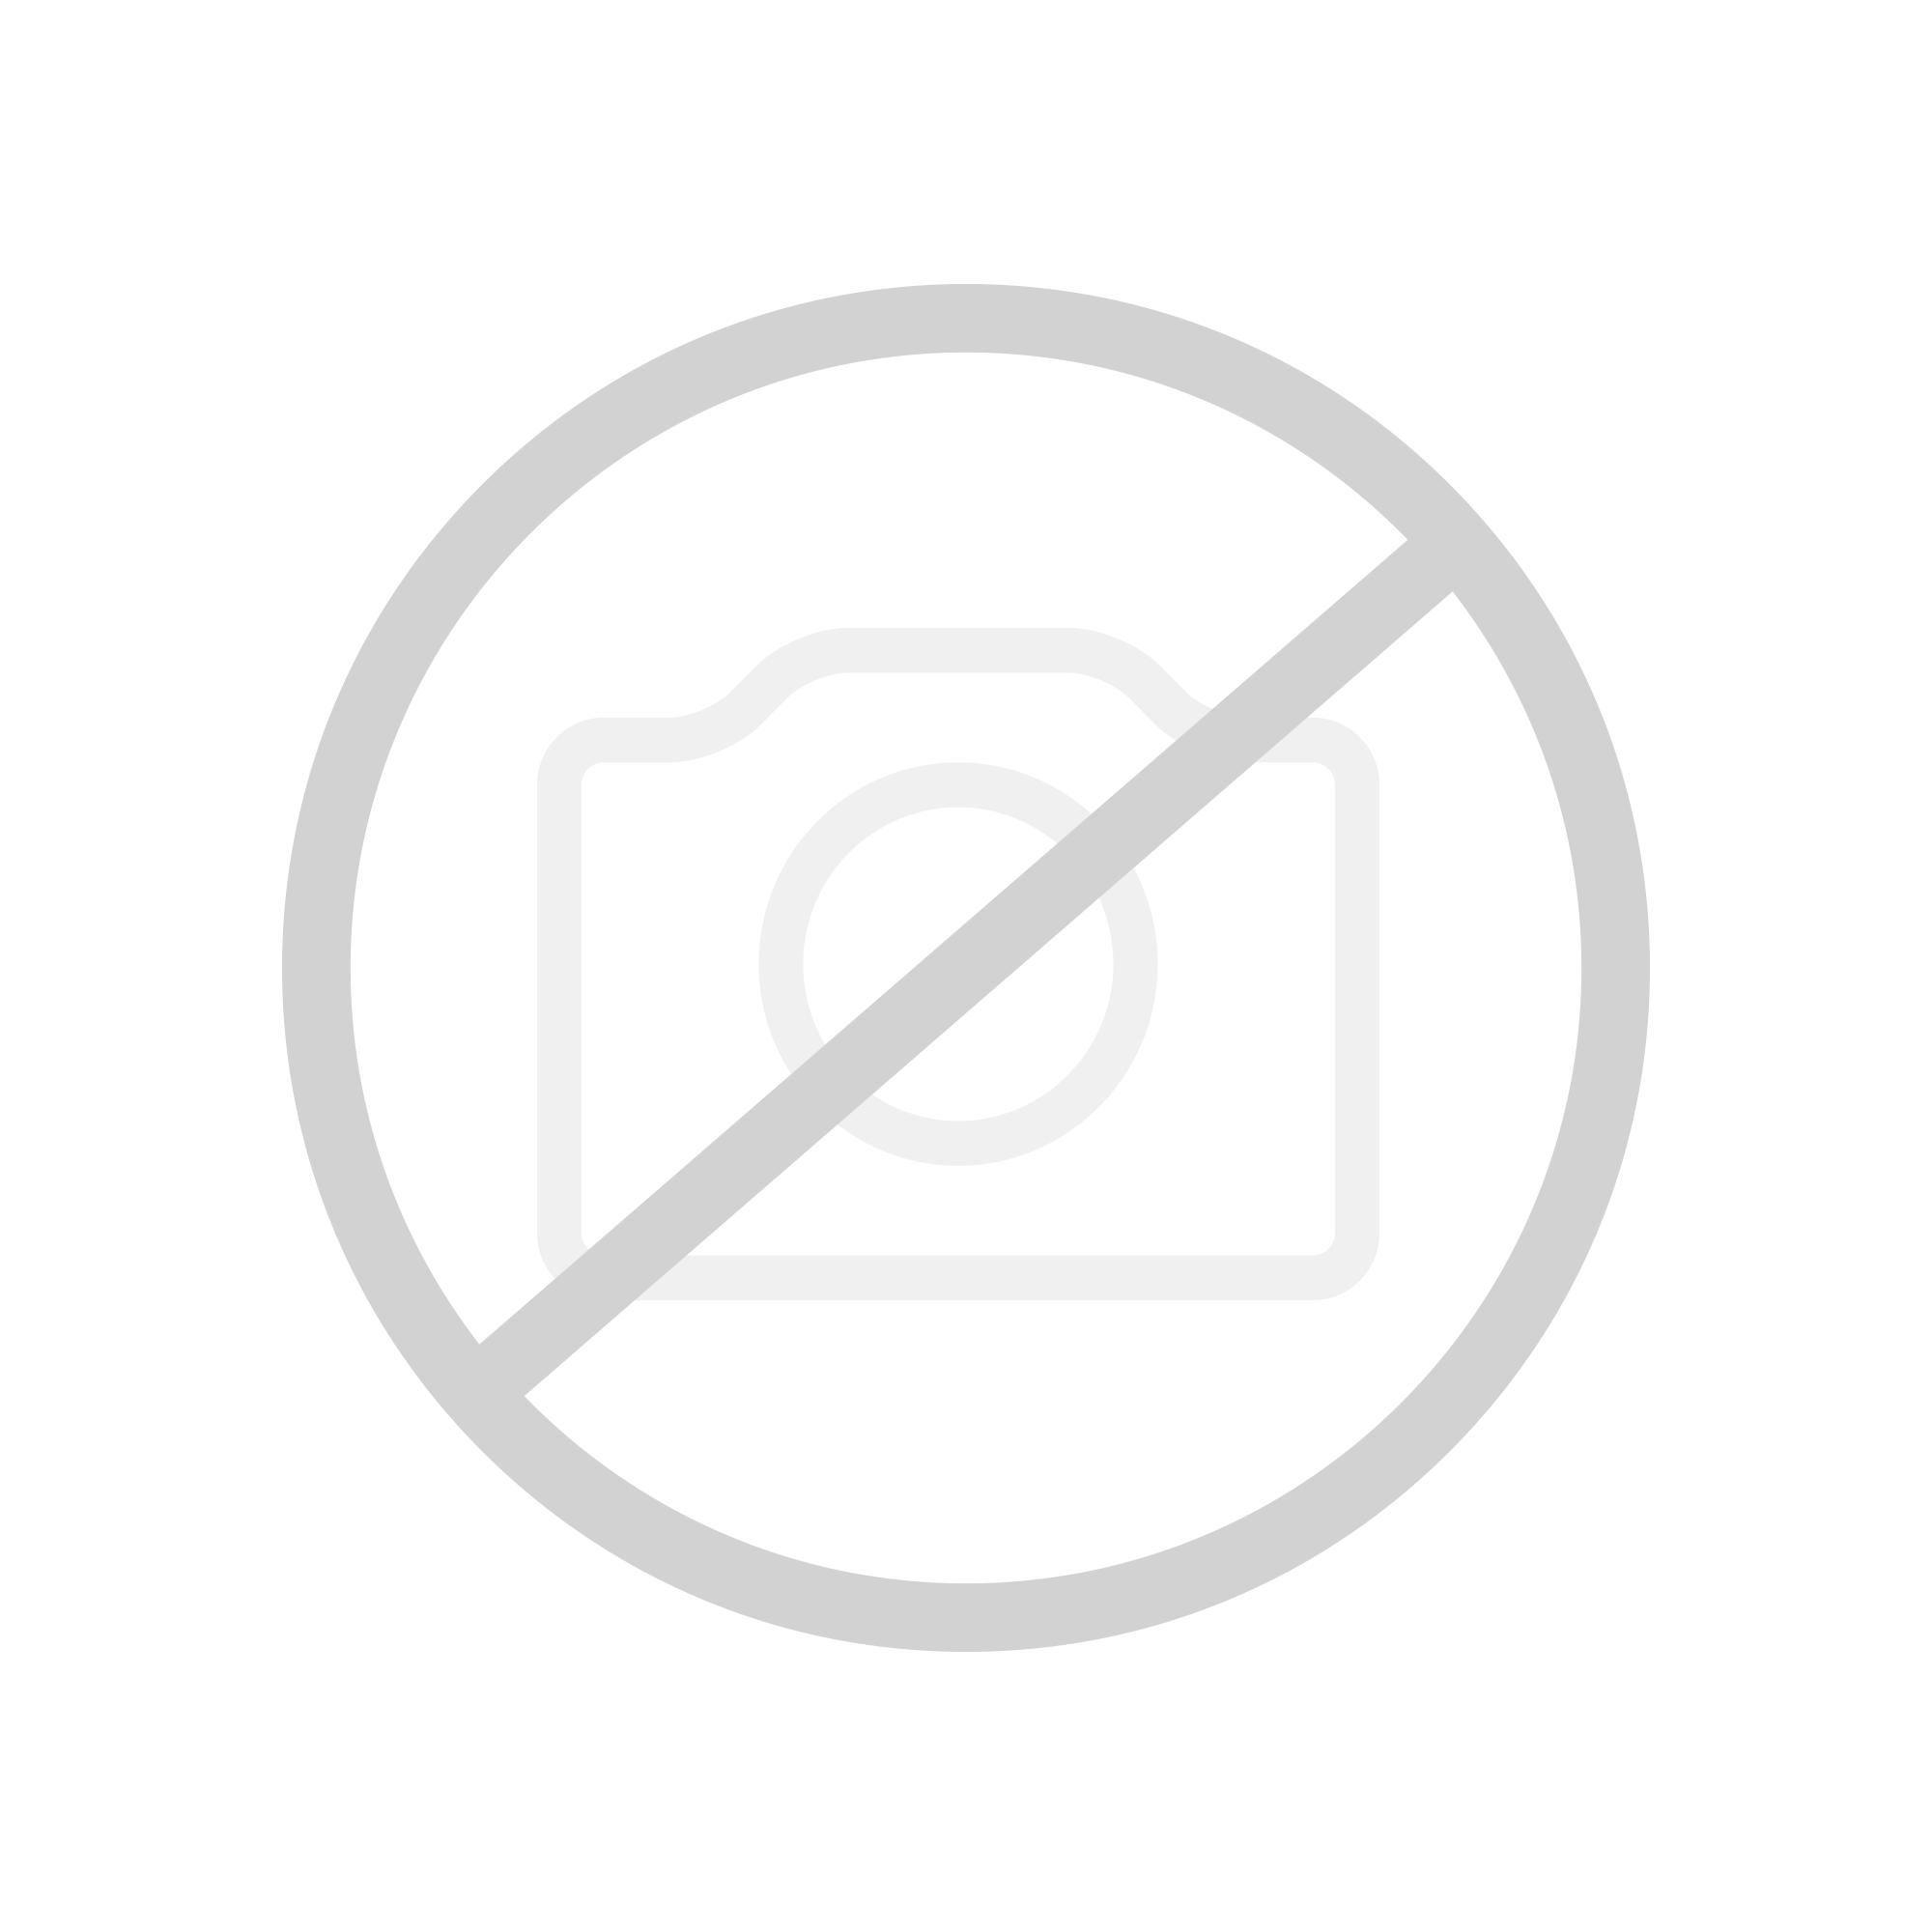 HSK ASP 300 LED Alu Spiegelschrank   1143105 | Reuter Onlineshop